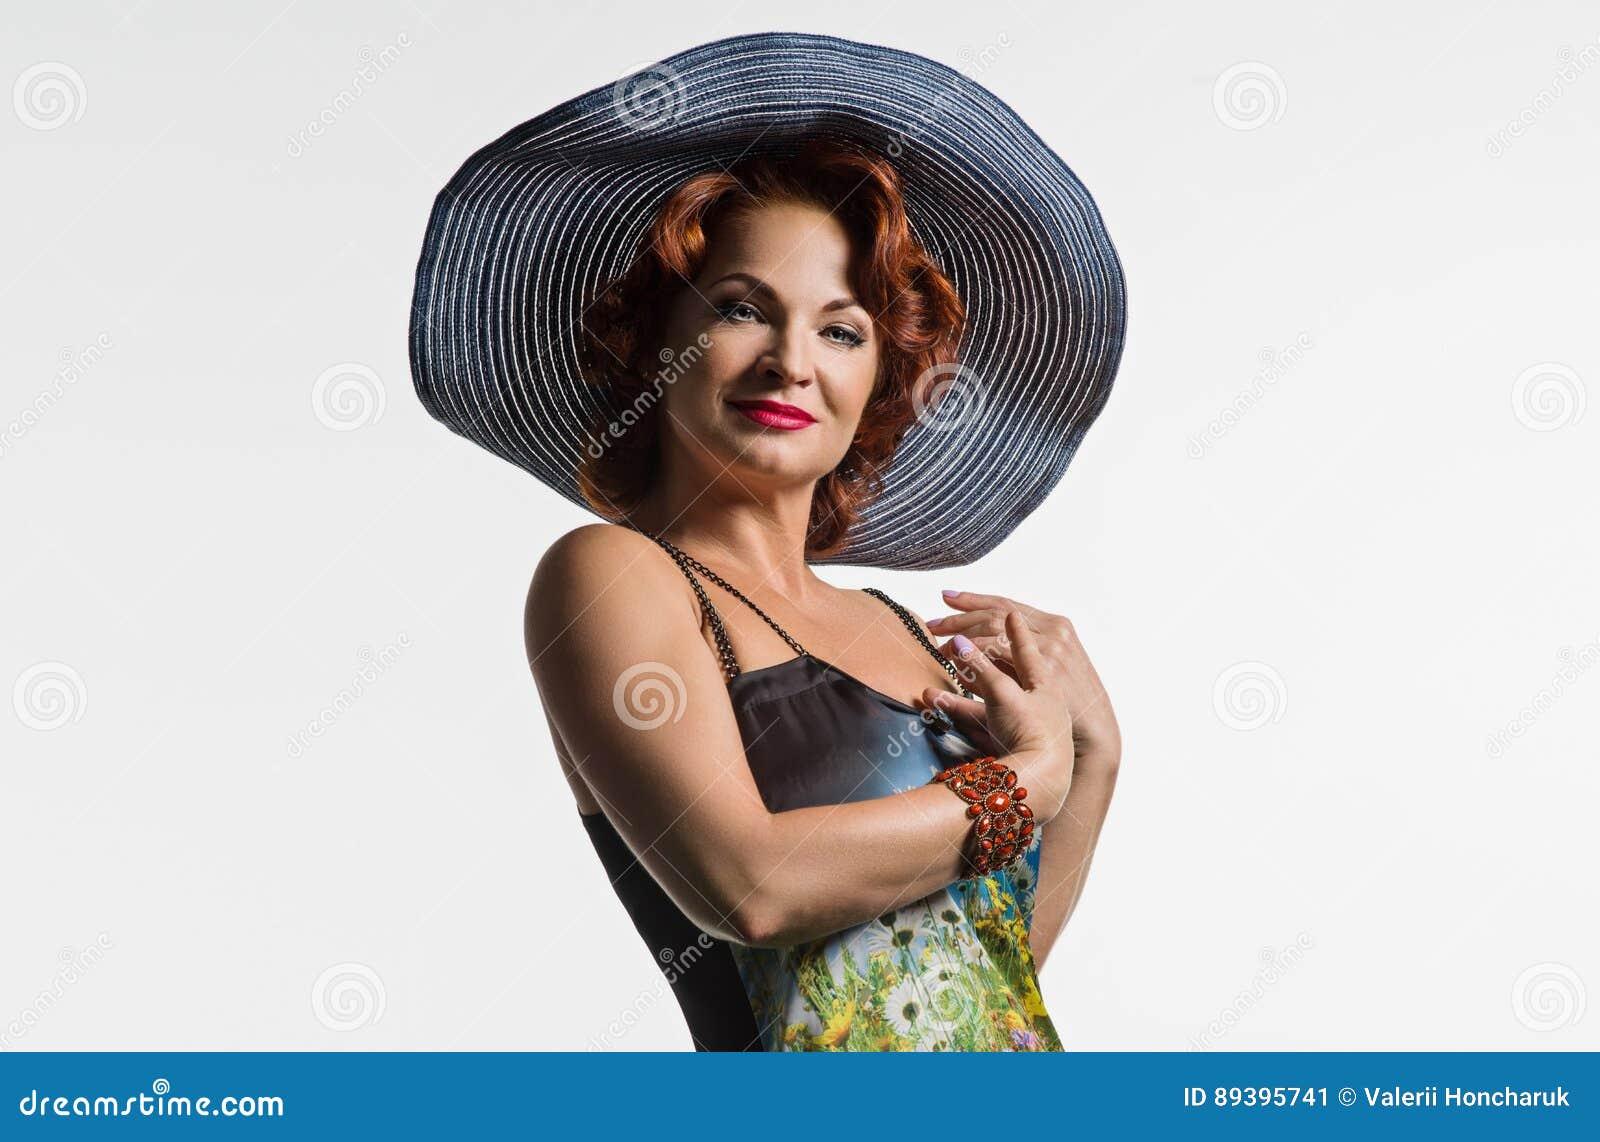 Retrato de uma mulher madura com cabelo vermelho e um chapéu